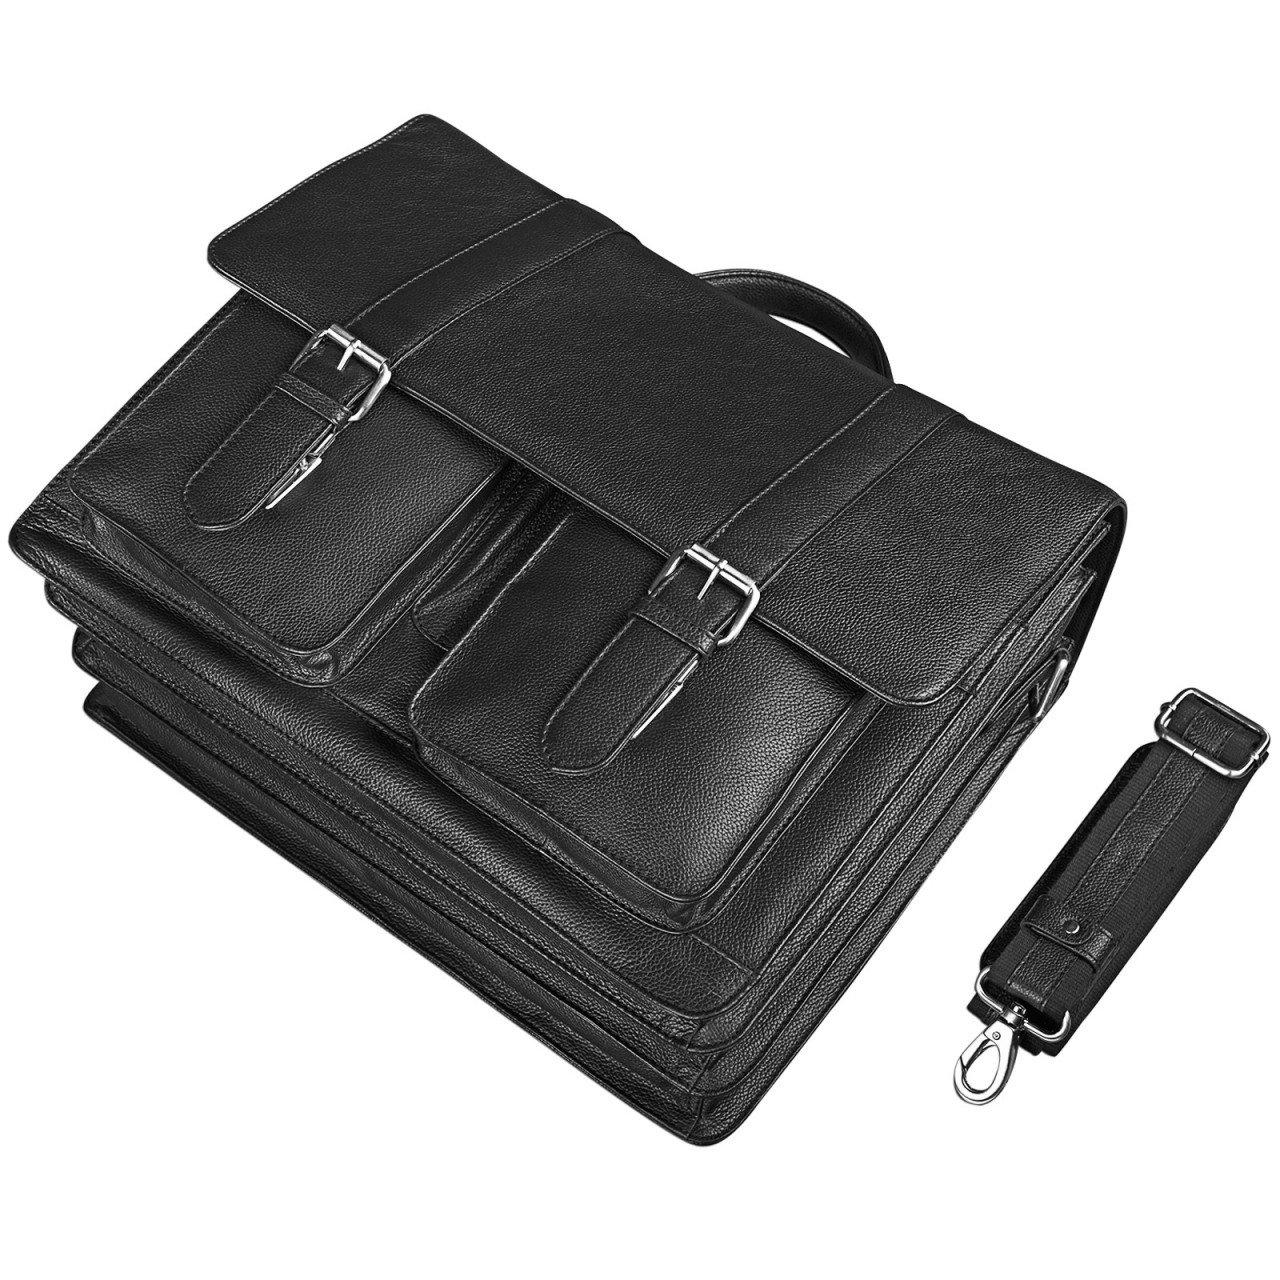 Colour:Black STILORD Marius Teacher Bag XL School Bag Leather Satchel Men Women Business Shoulder Bag Witch 14 inch Laptop Compartment Genuine Leather